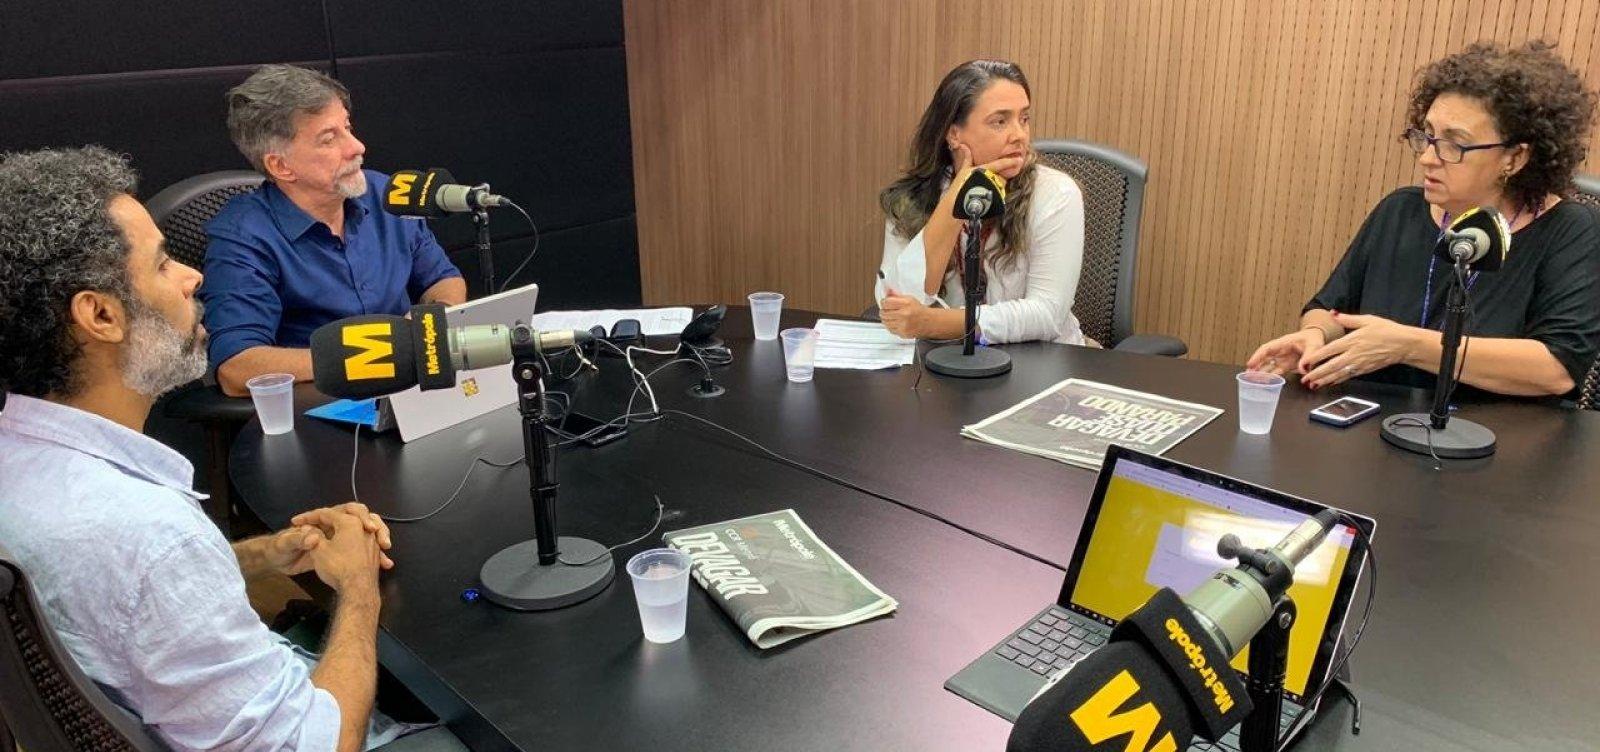 Produtores culturais esclarecem lei Rouanet: 'Apoio só não é maior devido à desinformação'